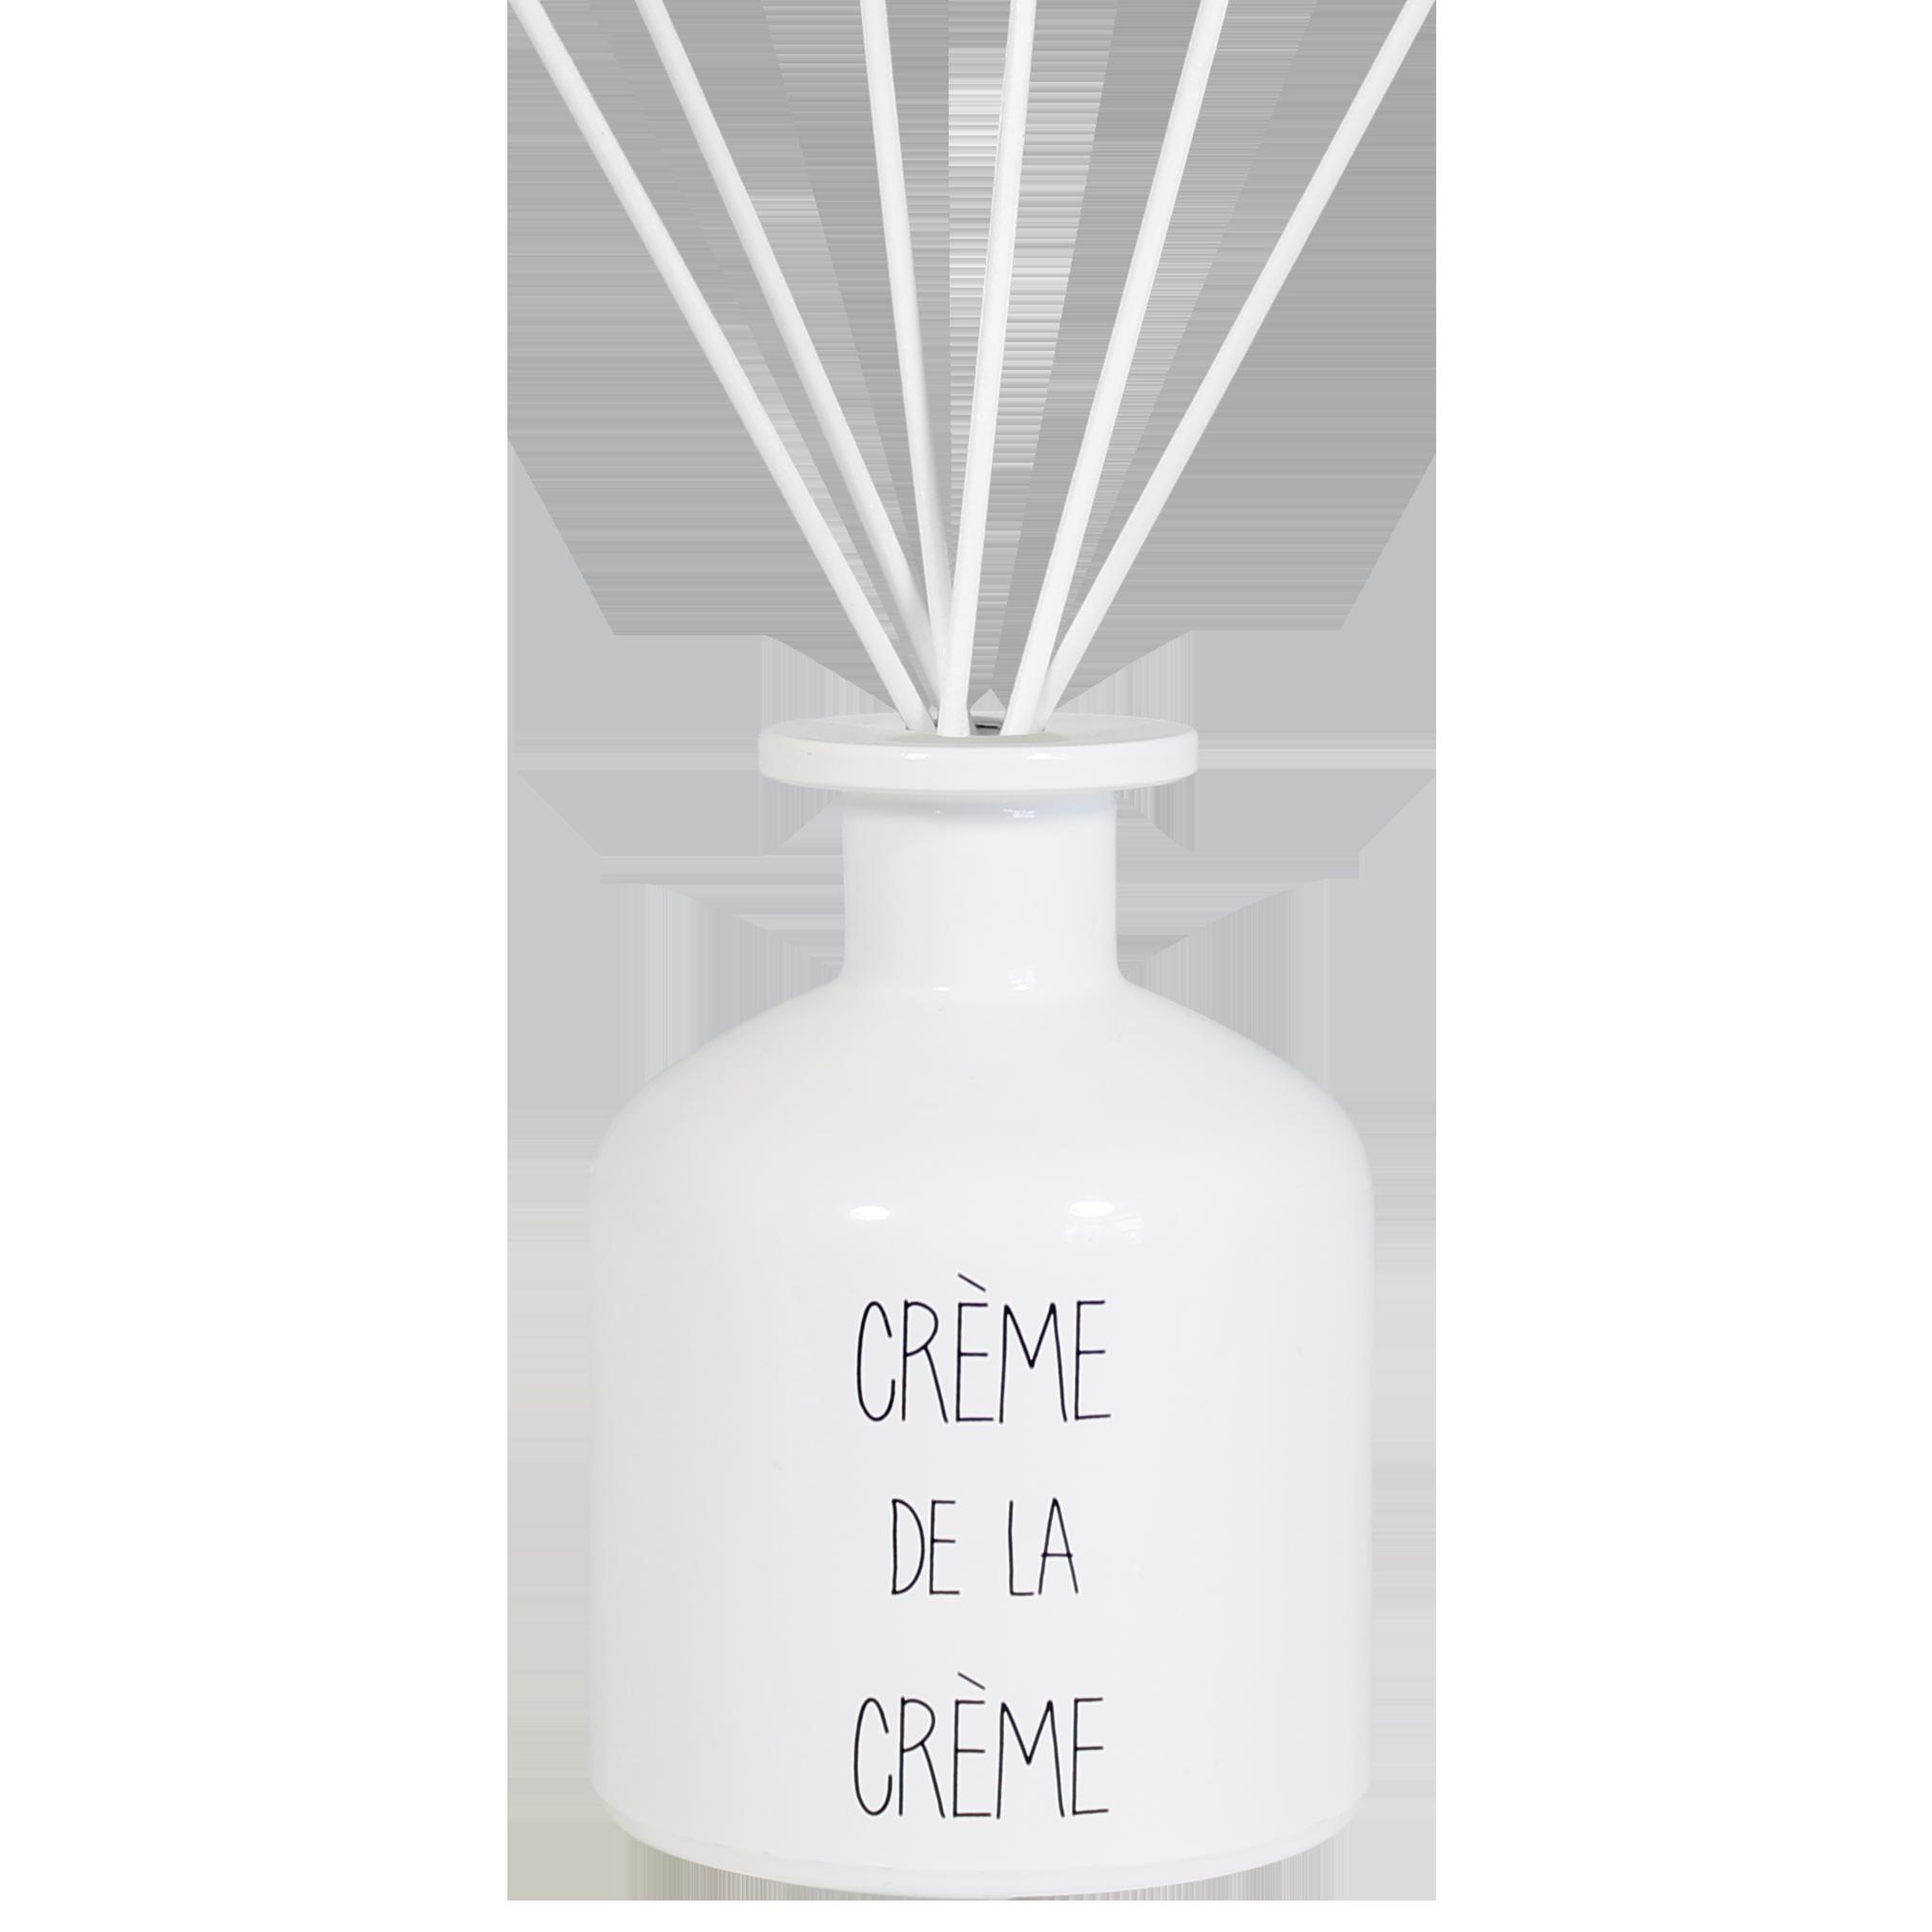 Geurstokjes -Crème de la crème - Geur Fresh Lotus-1